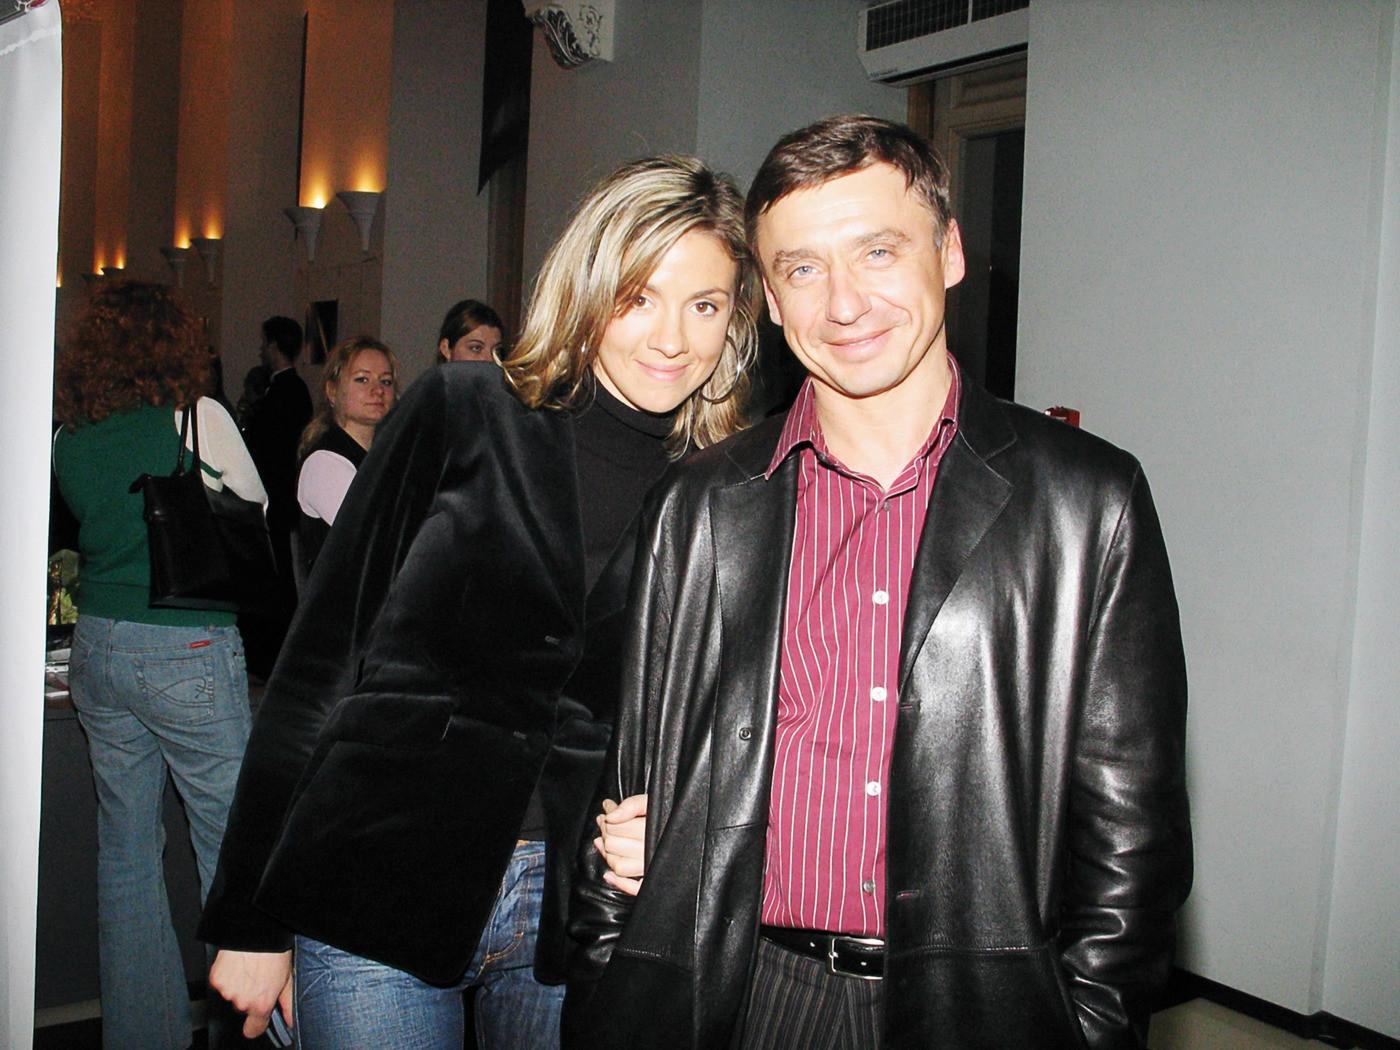 френч антон табаков и его жены фото день так отмечается